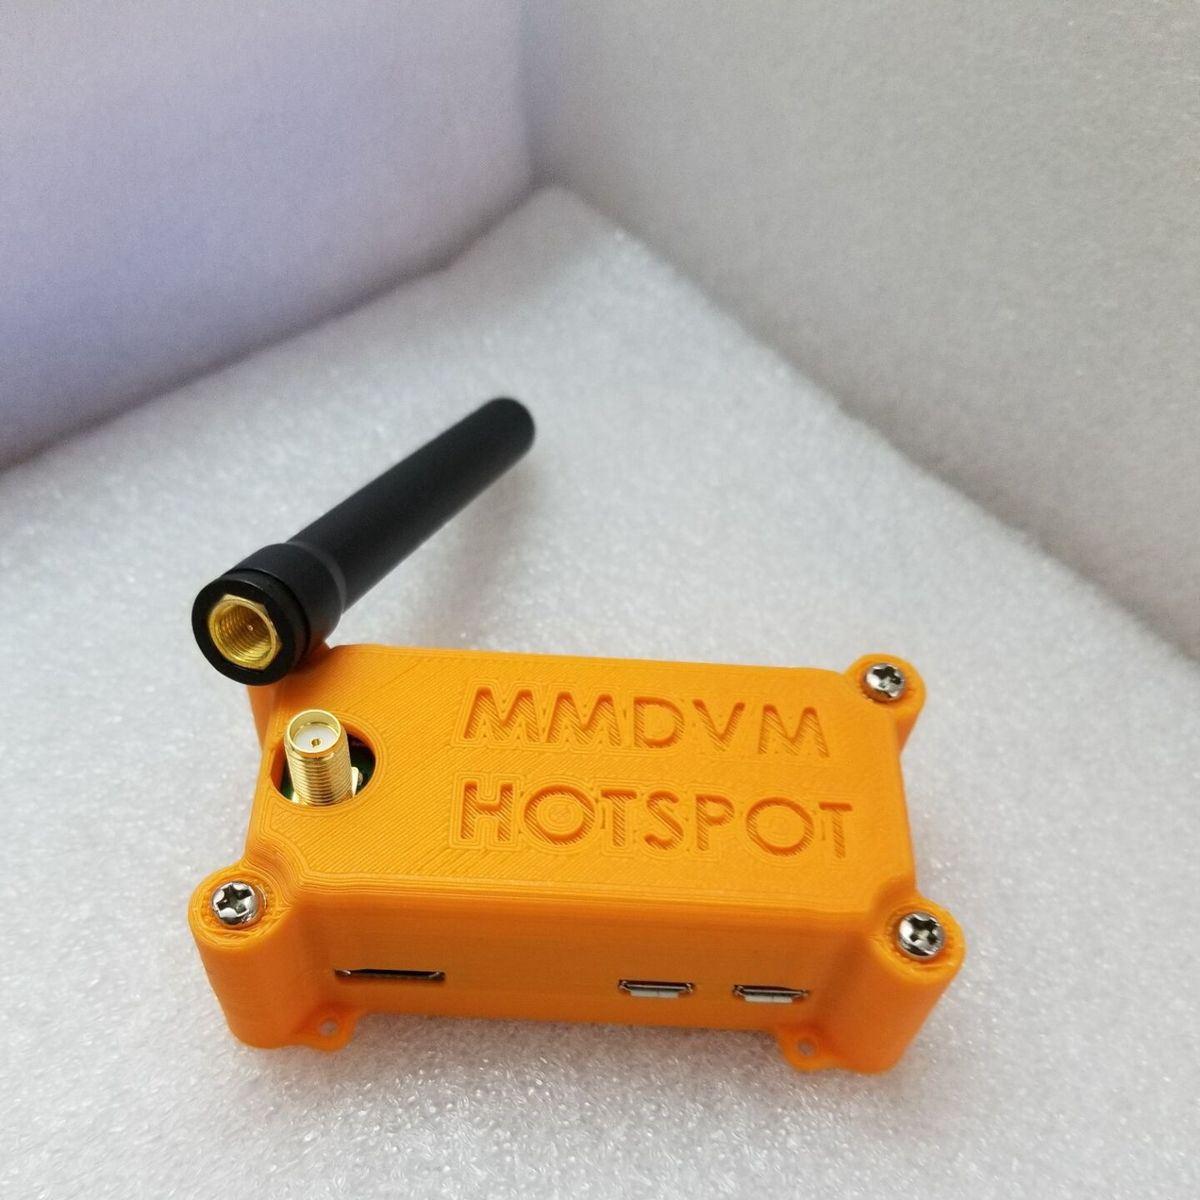 UHF/VHF MMDVM hotspot Raspberry pi zero w 3D Shell Case P25 DMR YSF PI-STARUHF/VHF MMDVM hotspot Raspberry pi zero w 3D Shell Case P25 DMR YSF PI-STAR